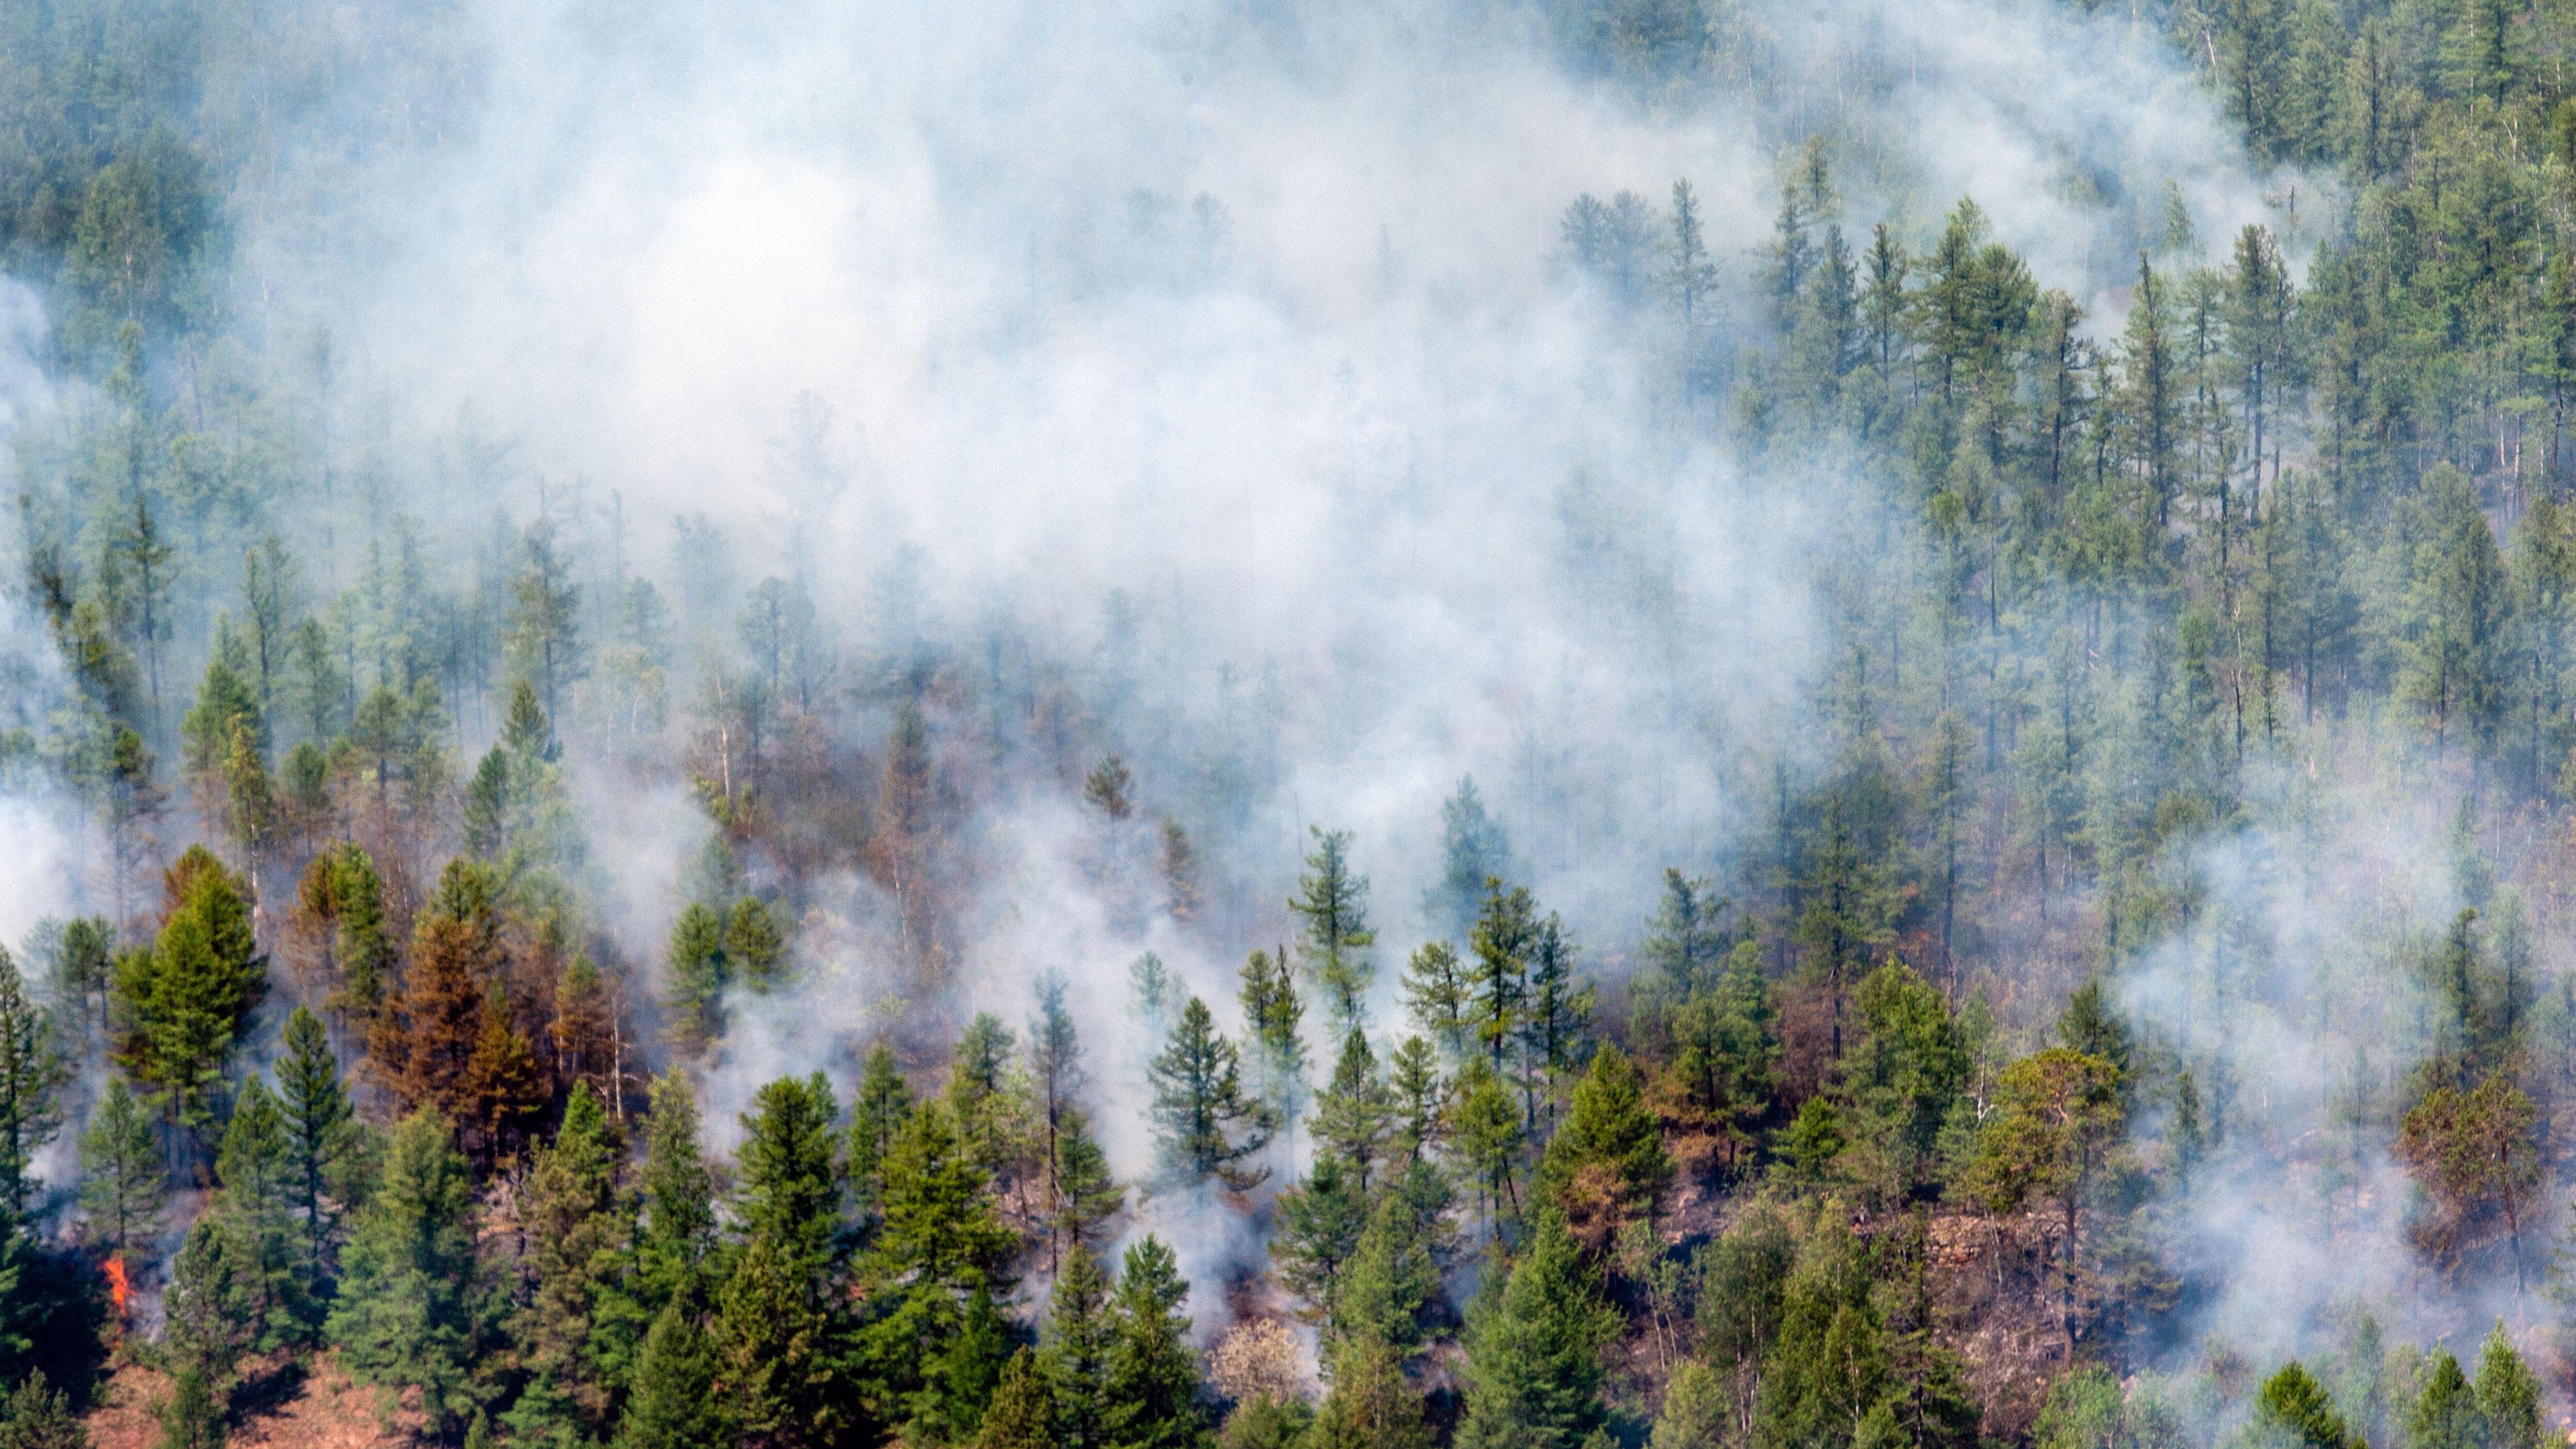 Пожары в Чернобыльской зоне уничтожили более 11 тысяч гектаров леса